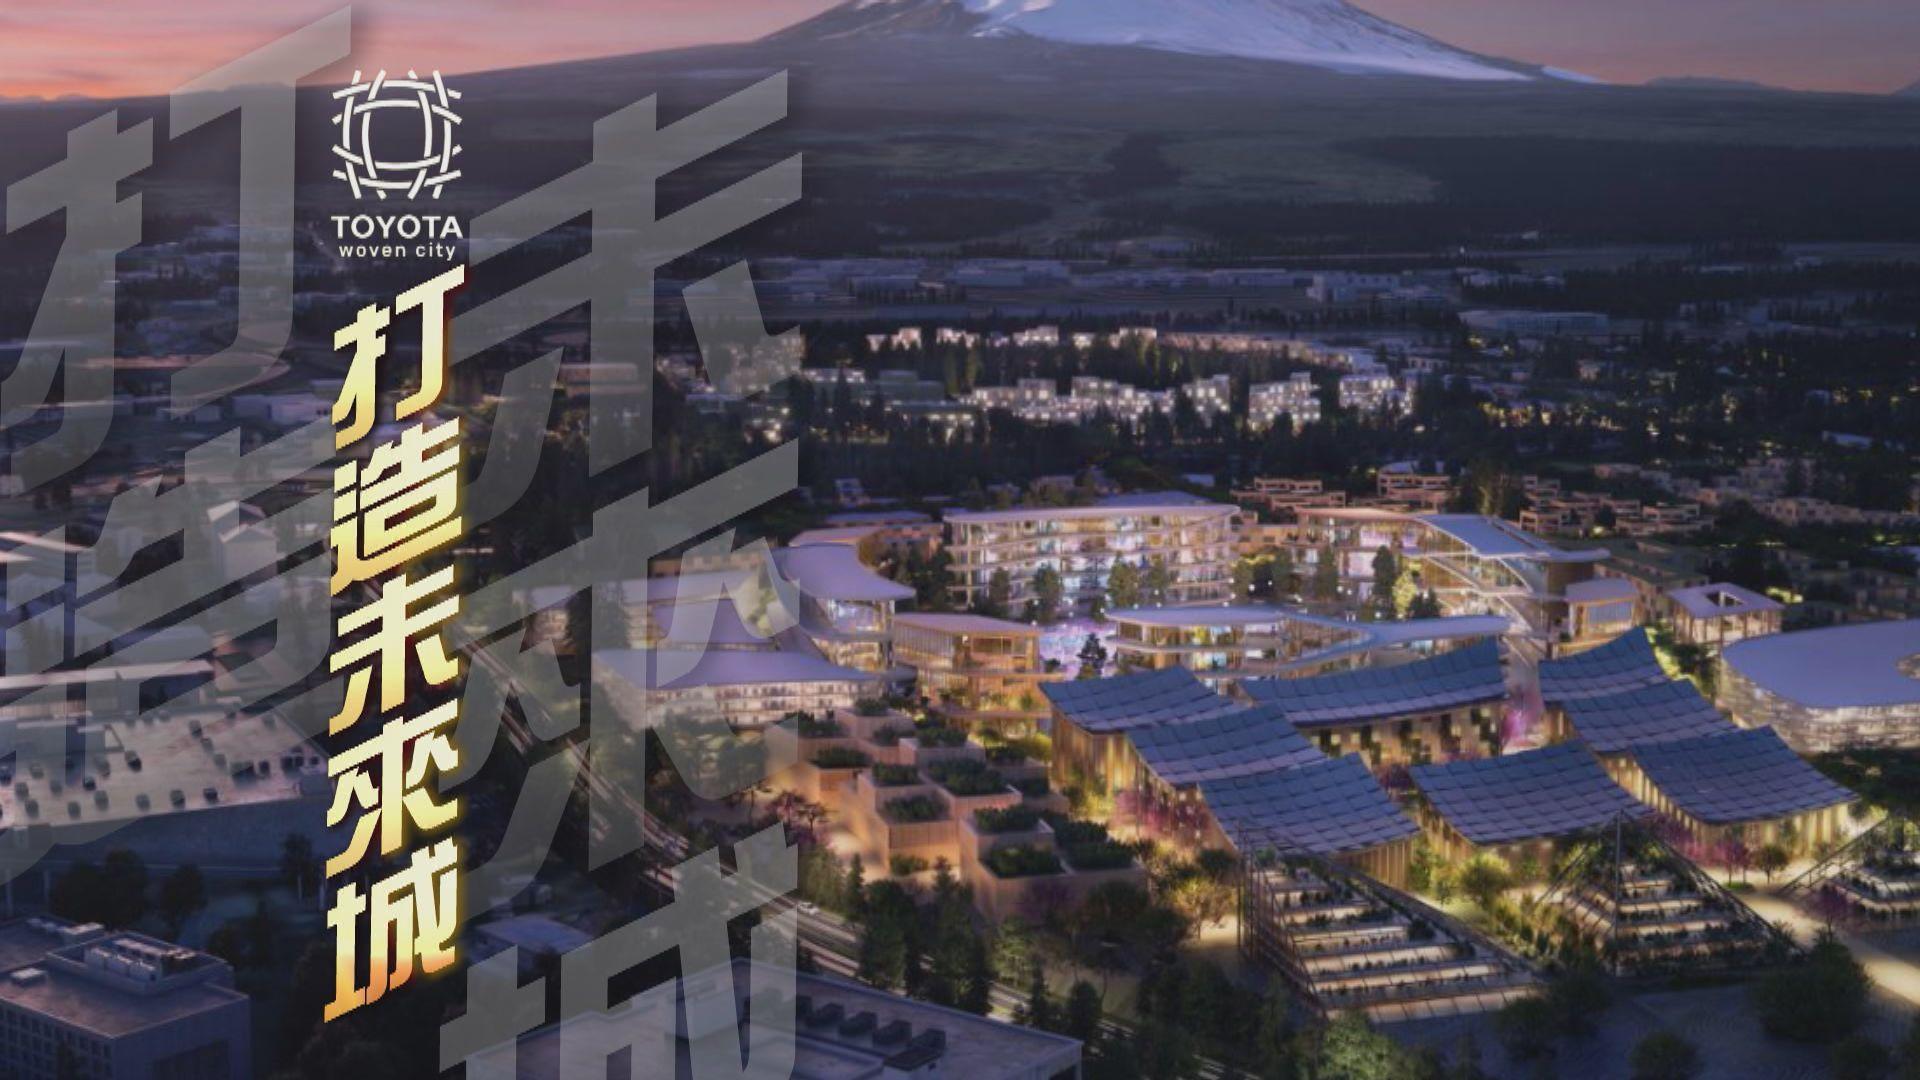 【新聞智庫】日本汽車龍頭 藉智能化方式建構未來之城